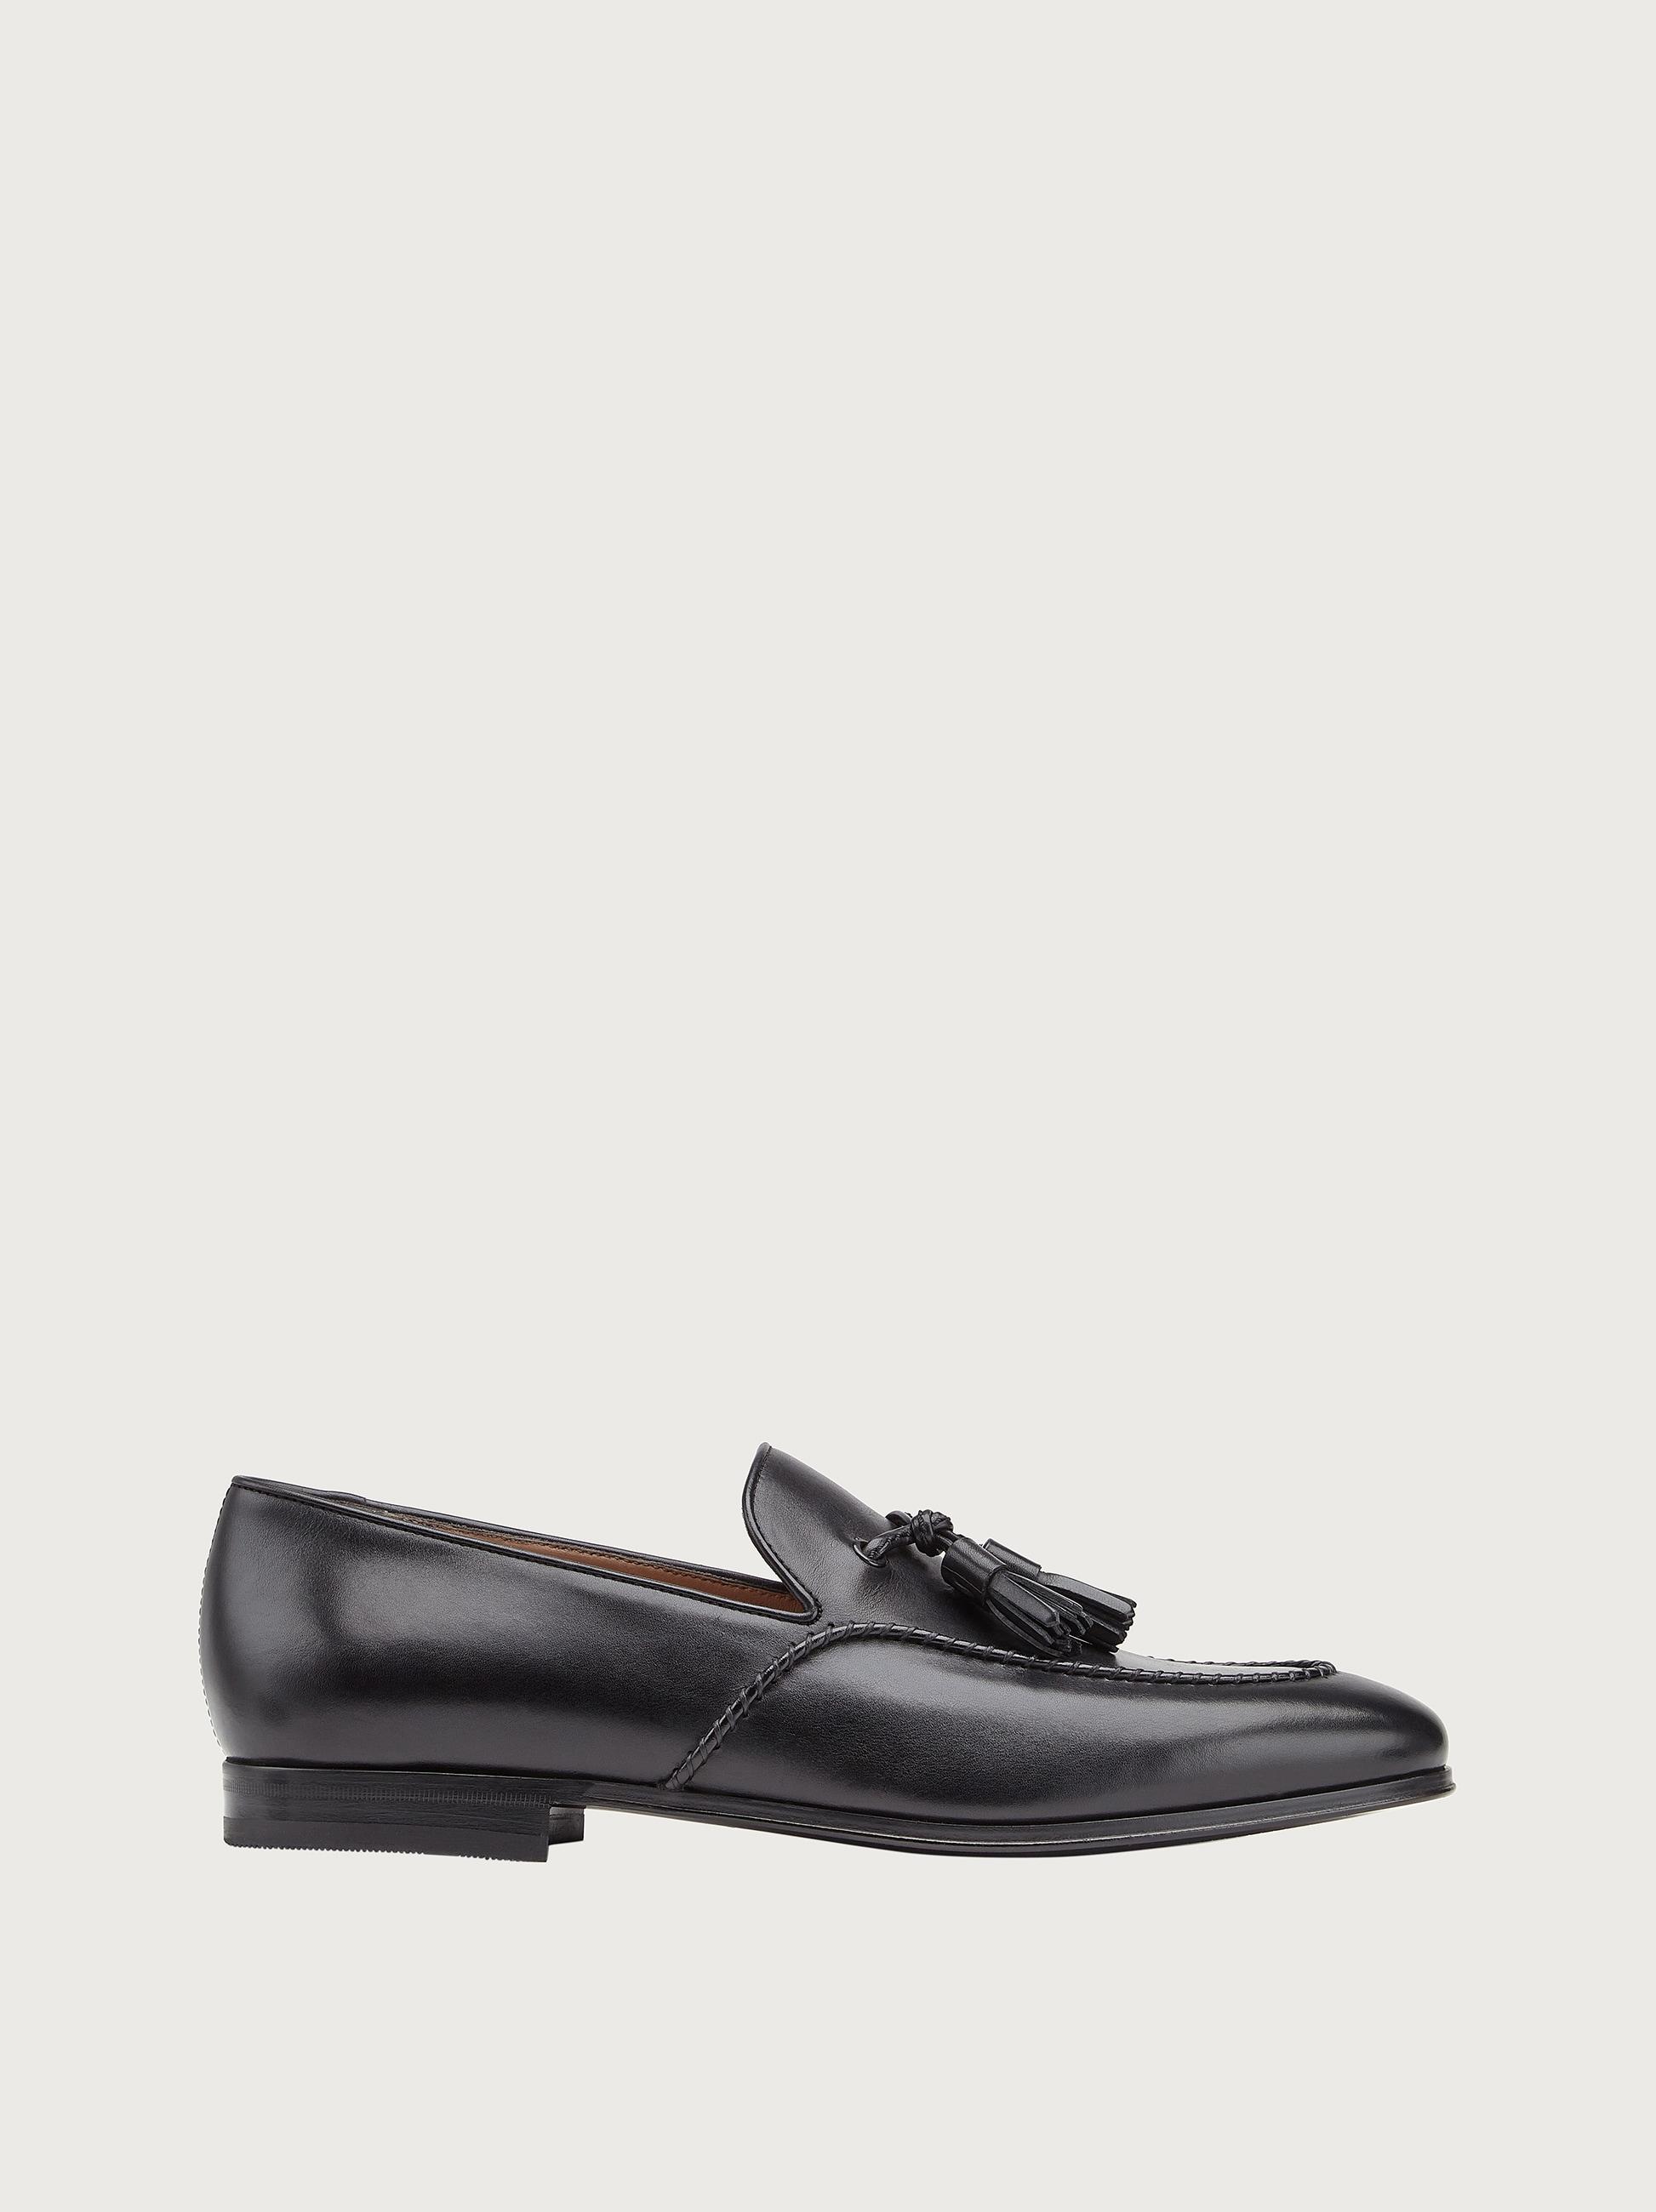 נעליSalvatore Ferragamo RAE Slip-on גברים